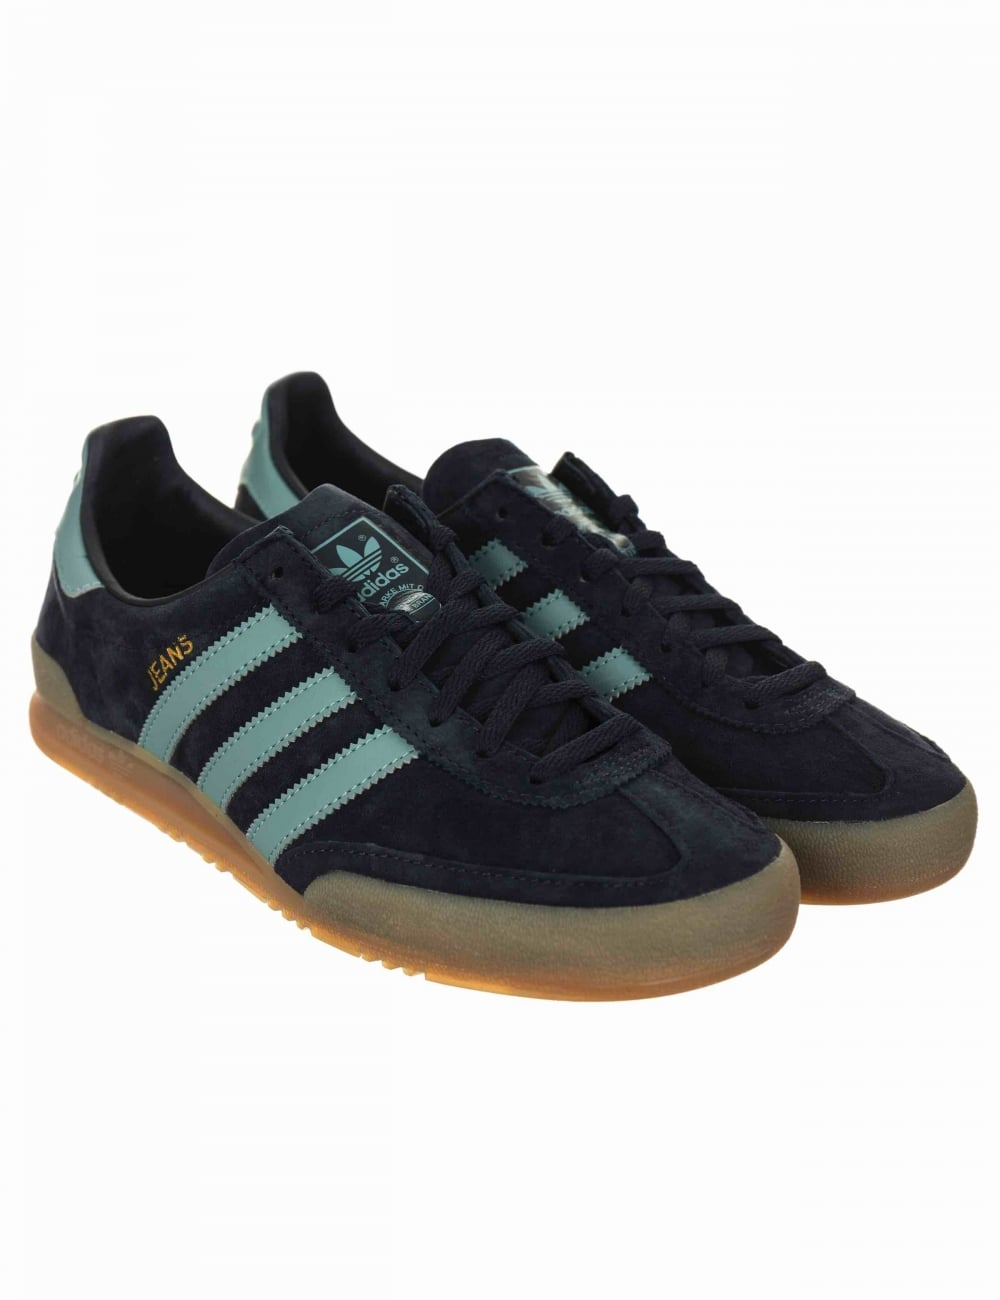 Adidas Originals Jeans Shoes OG - Night